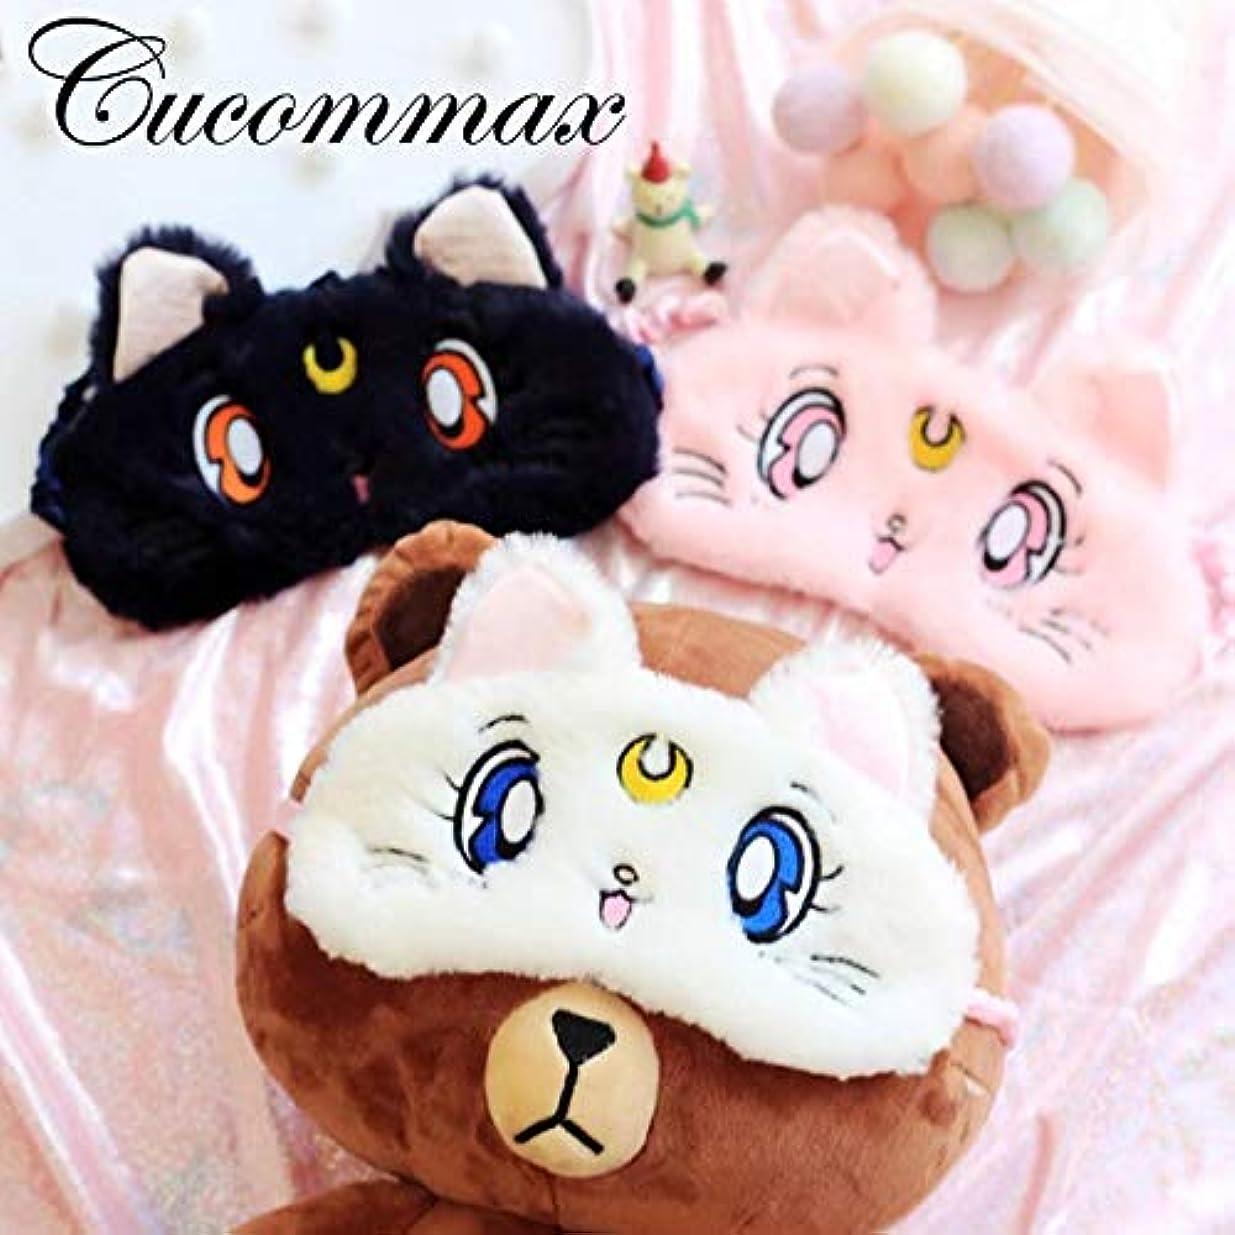 醜い覆す開いた注Cucommax 1ピースかわいい猫リラックスアイスまたはホット圧縮アイシェード睡眠マスクブラックマスク包帯用睡眠 - MSK 58